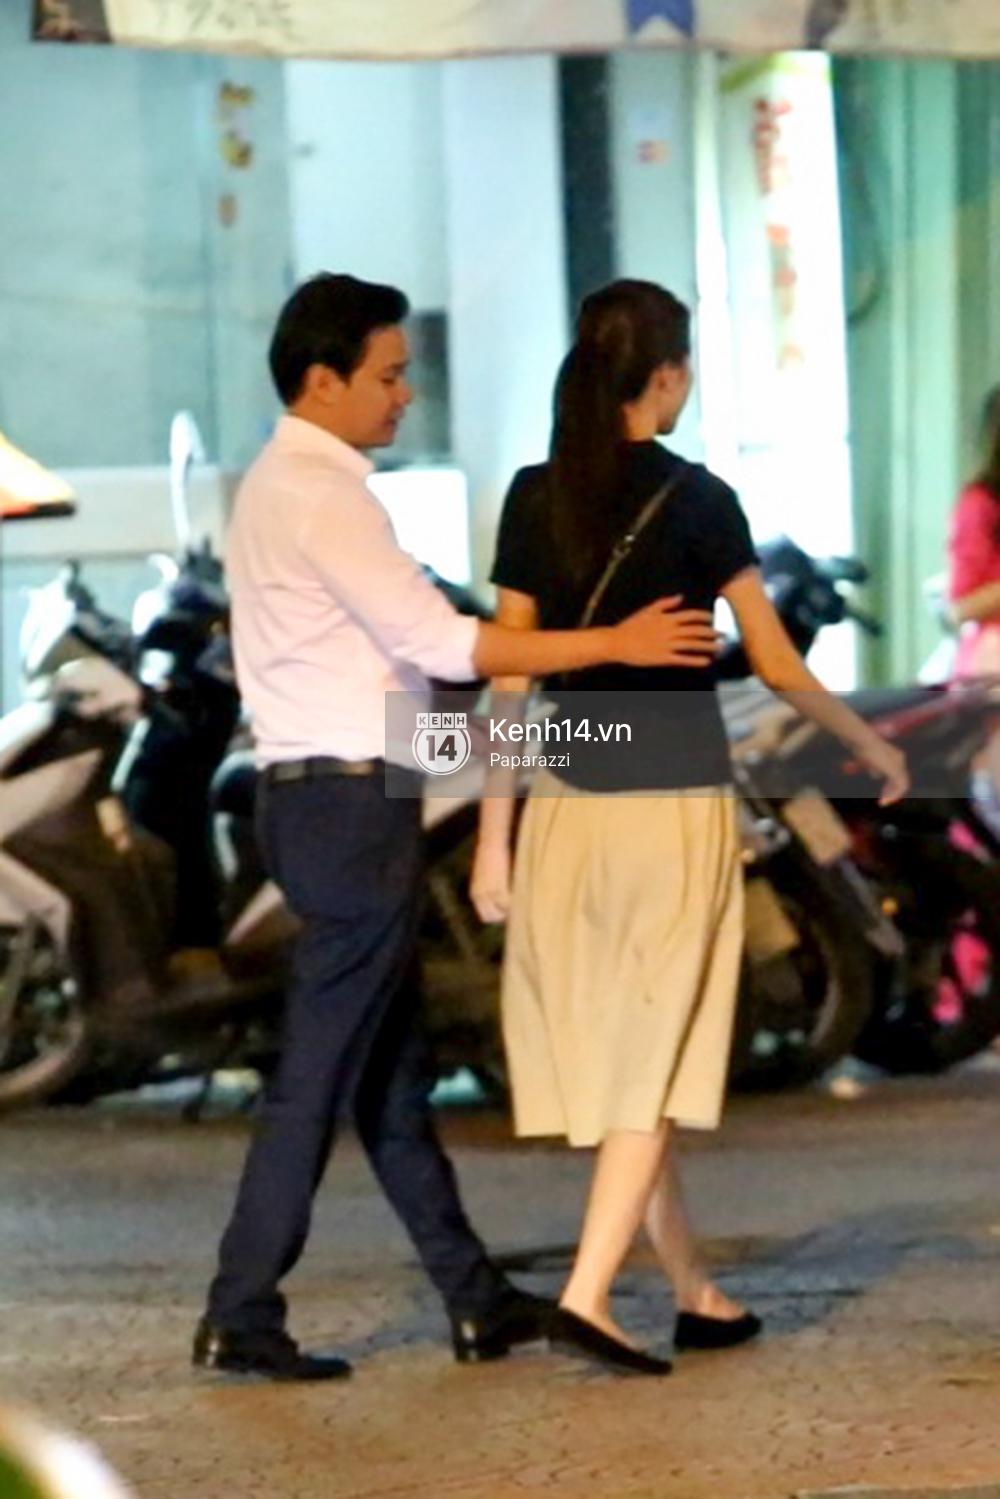 Hoa hậu Thu Thảo xuất hiện tay trong tay tình tứ cùng chồng sắp cưới trên phố sau khi báo hỷ - Ảnh 10.